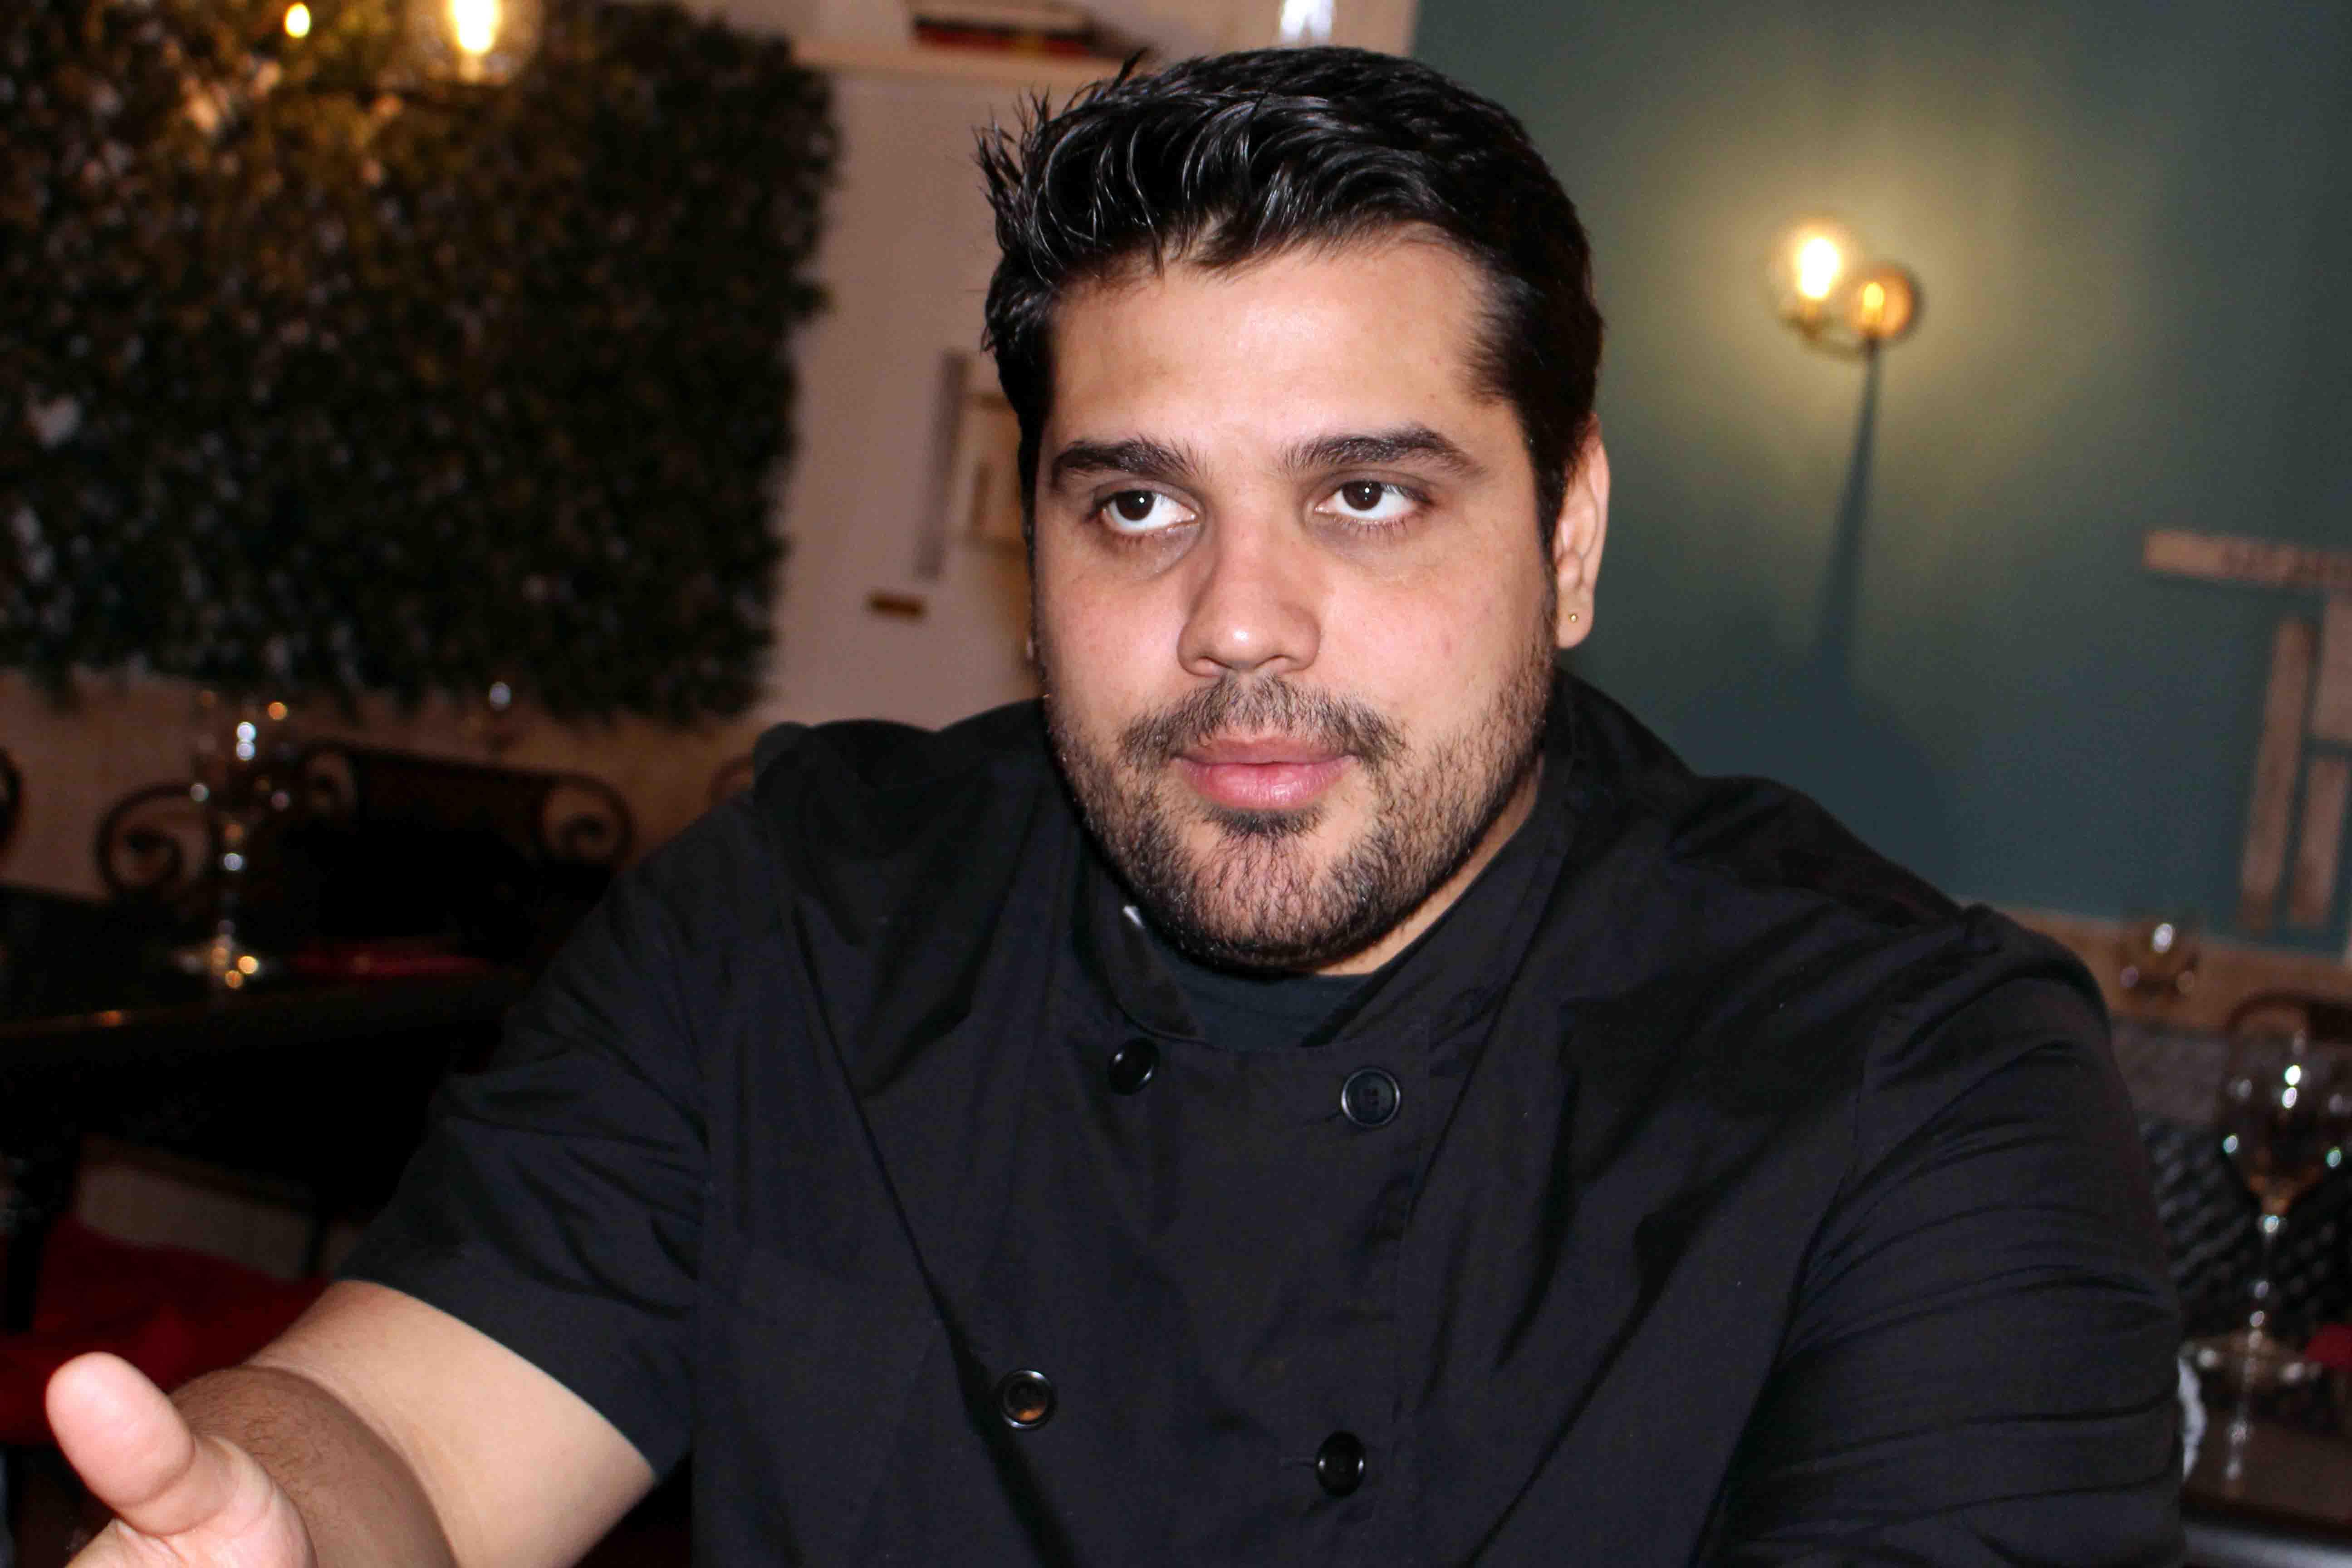 Oswaldo Sánchez afirma que el restaurant ha tenido una rentabilidad inmediata desde sus comienzos, contando con unos 30-35 euros de ticket medio.